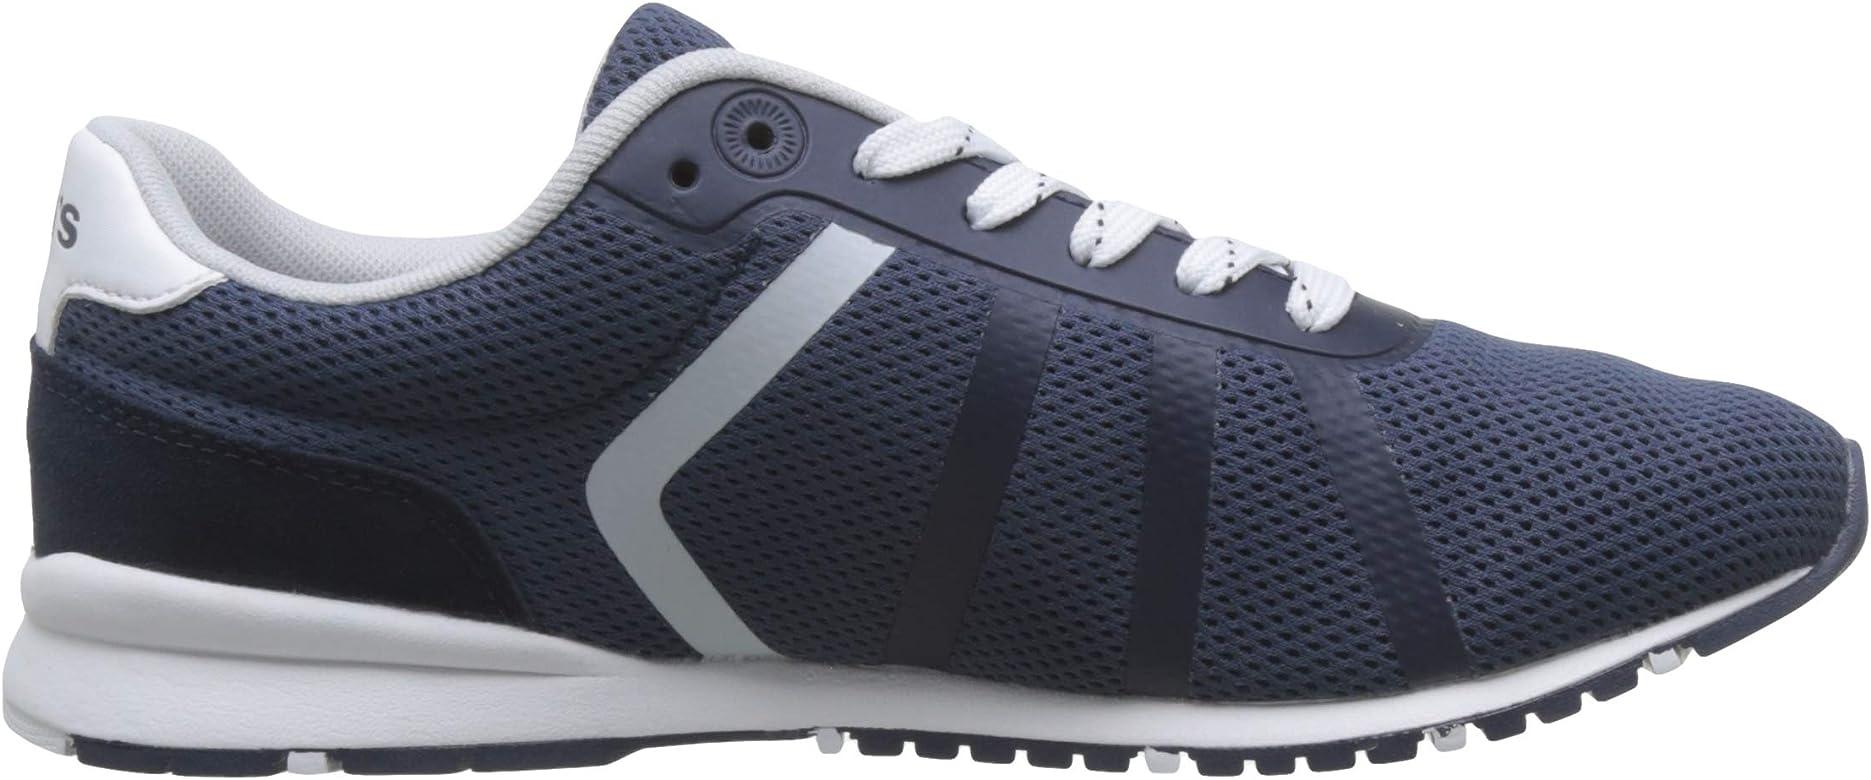 Levis Almayer Lite, Zapatillas para Hombre, Azul (Navy Blue 17), 40 EU: Amazon.es: Zapatos y complementos